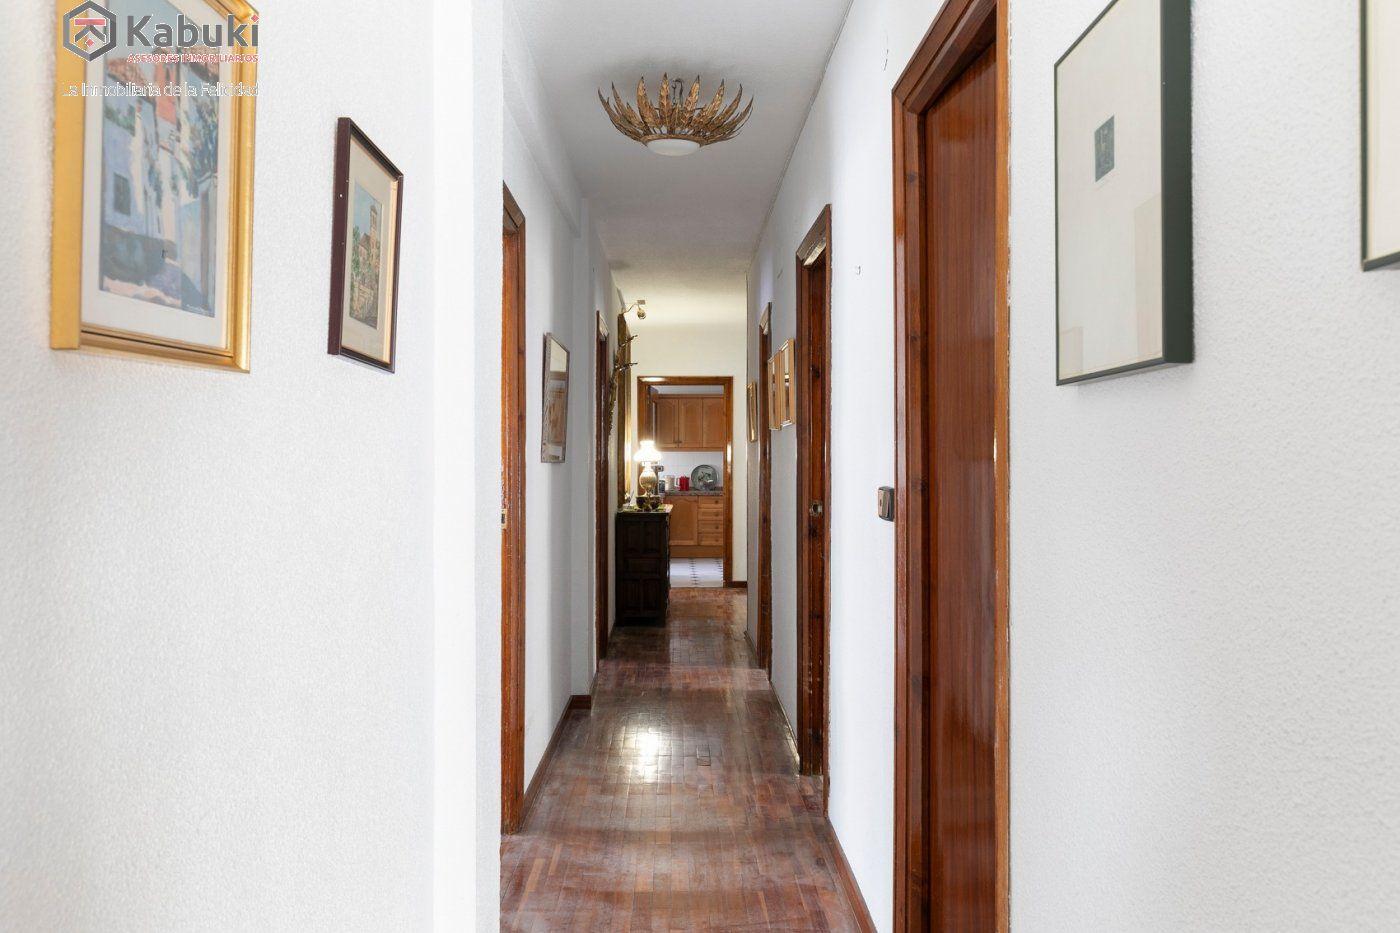 Bonito piso en ubicación inmejorable. entre gran vía y facultad de derecho - imagenInmueble5